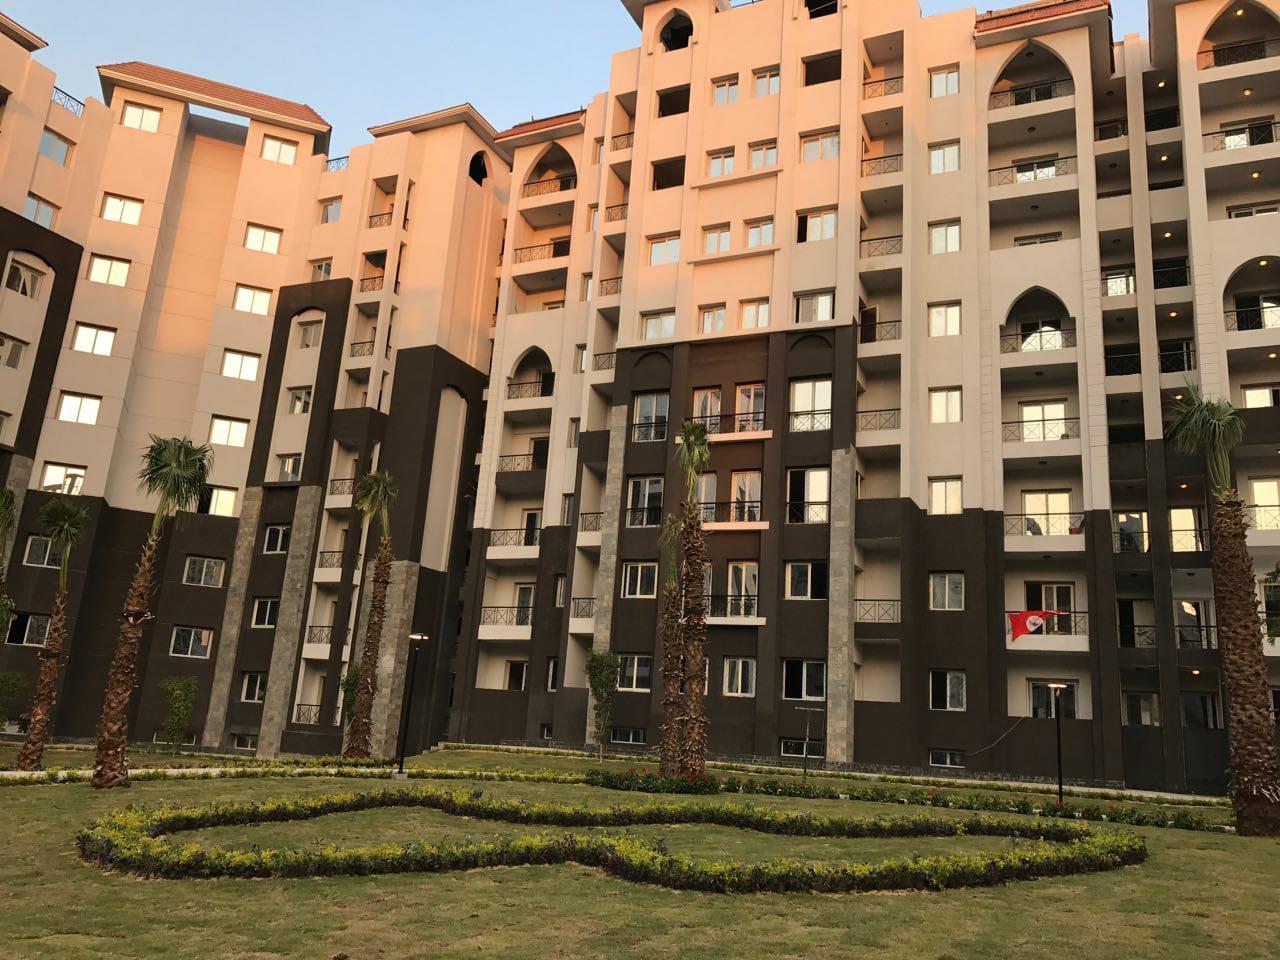 """جهاز العاصمة الإدارية الجديدة يعلن إجراءات تسليم  الوحدات السكنية لحاجزيها بالحى السكنى """"كابيتال  ريزدانس"""""""